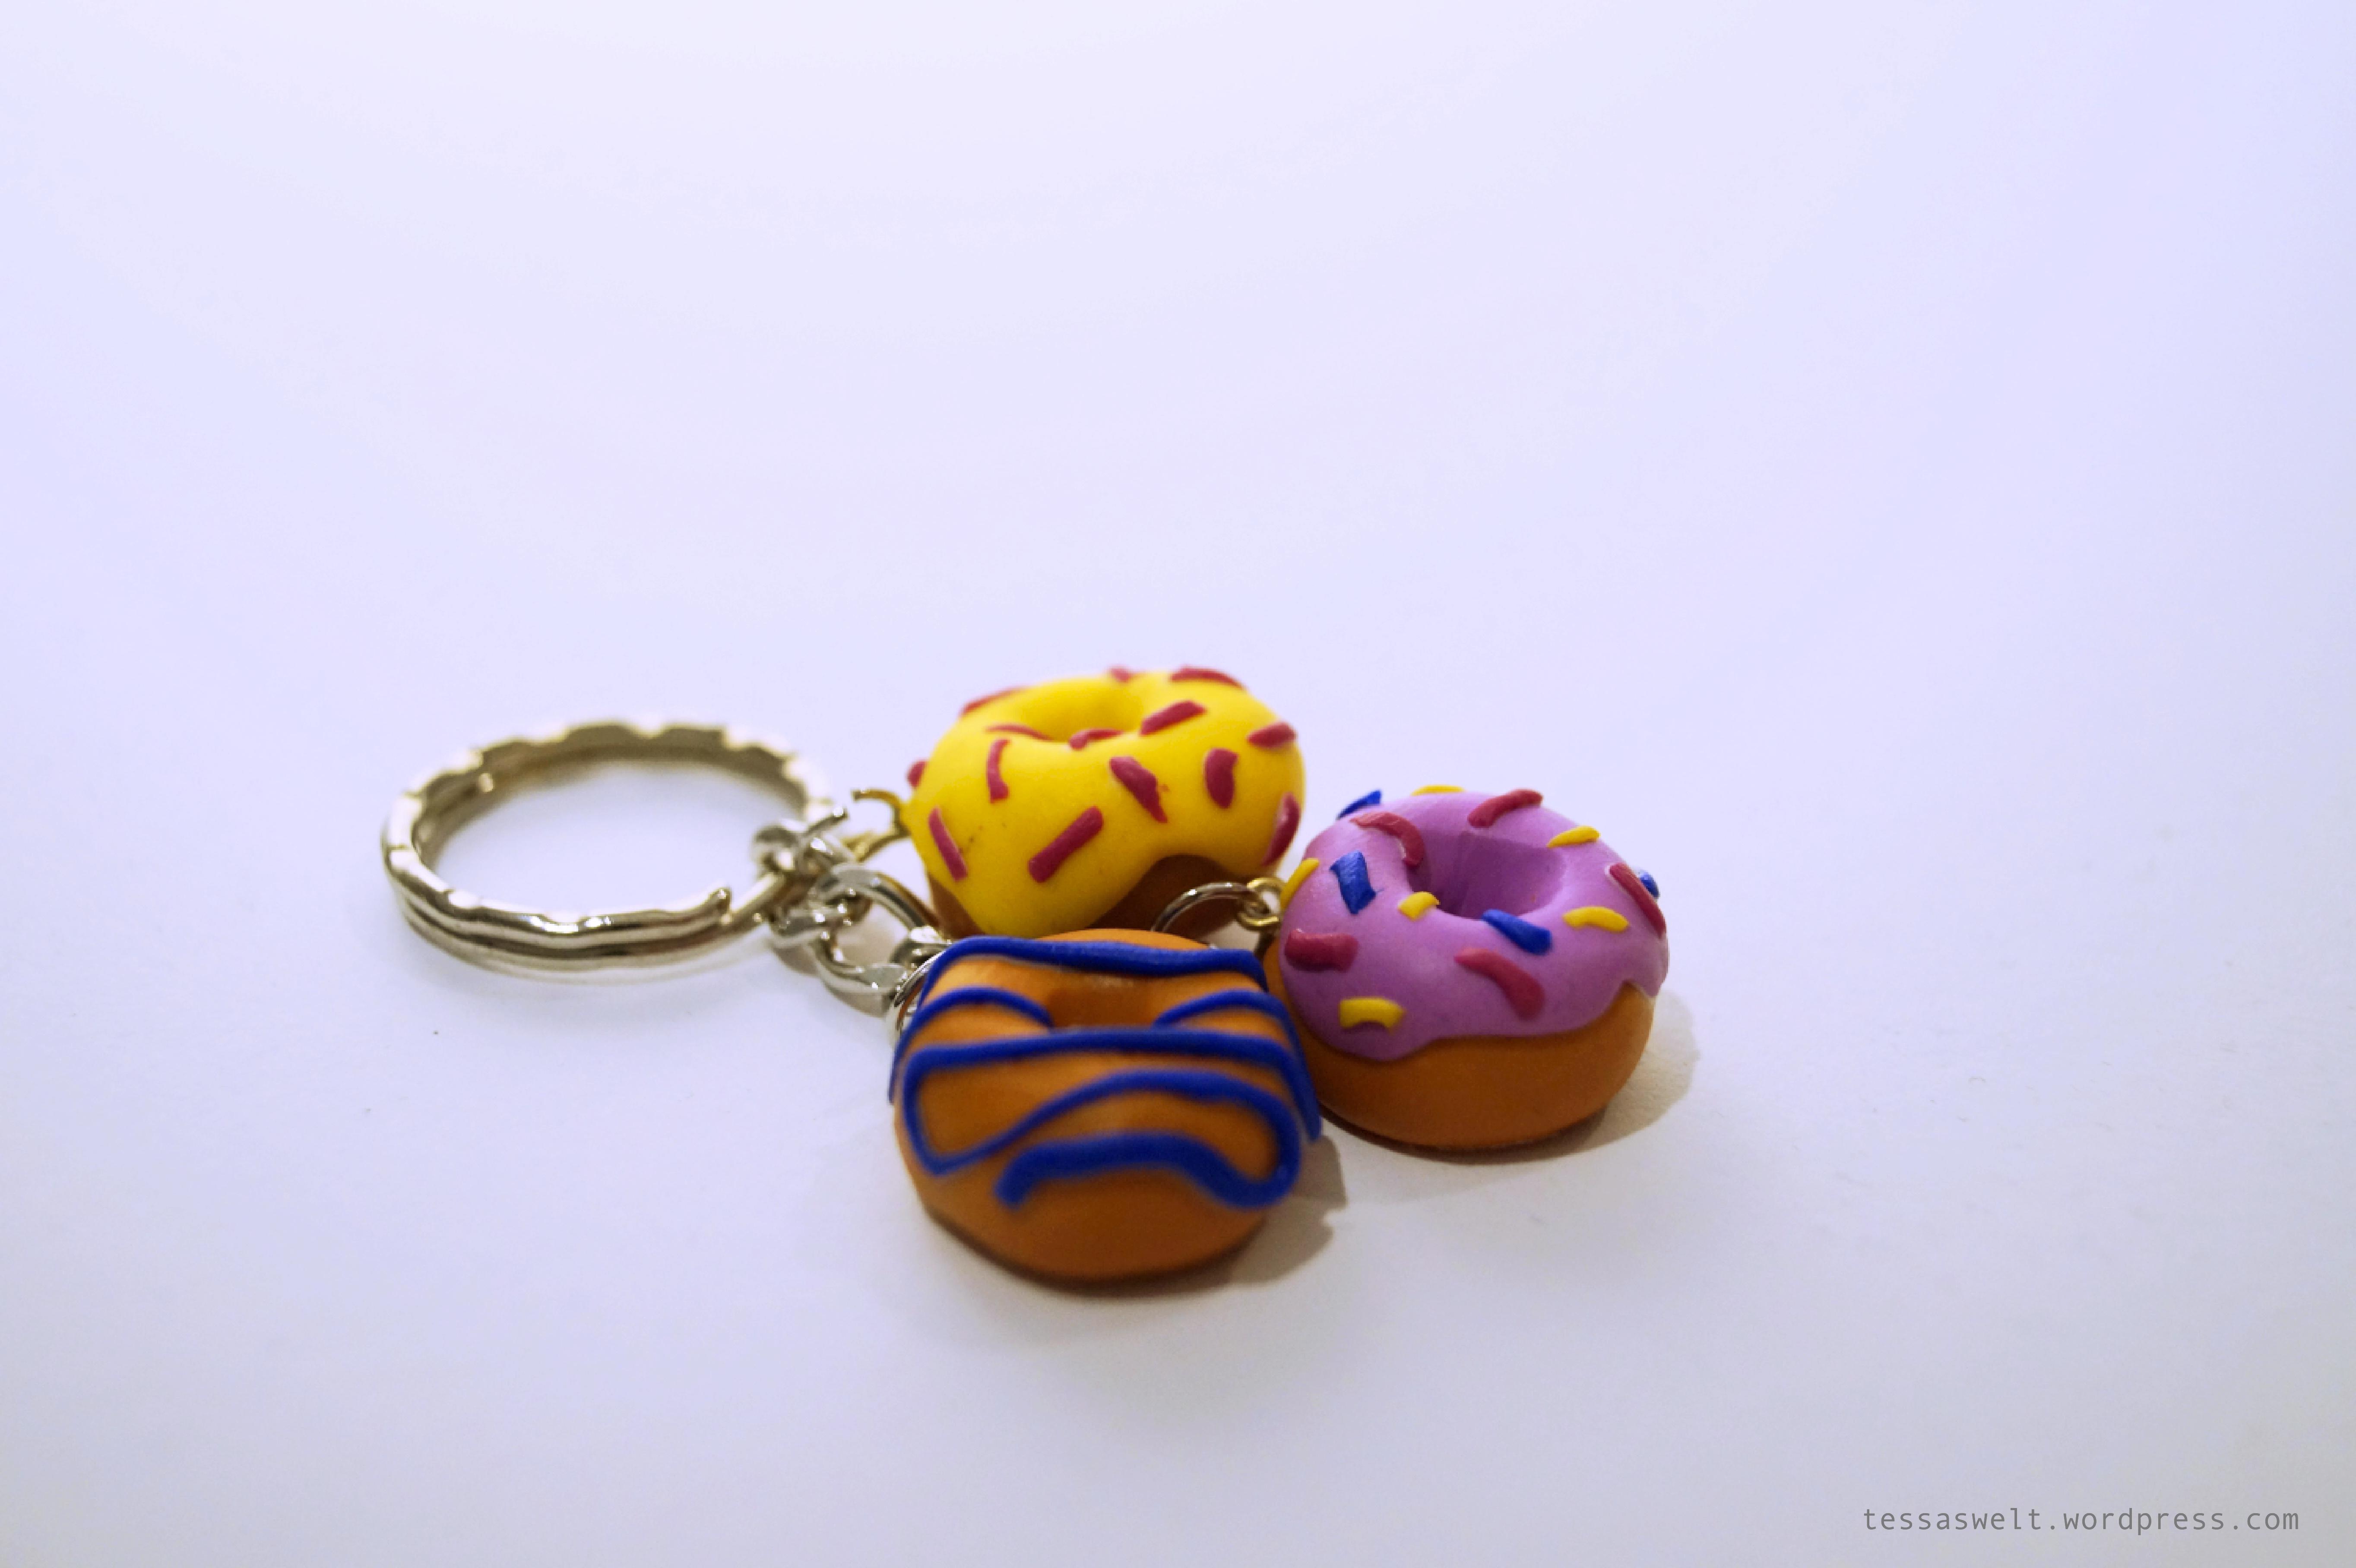 Schlüsseldonut7